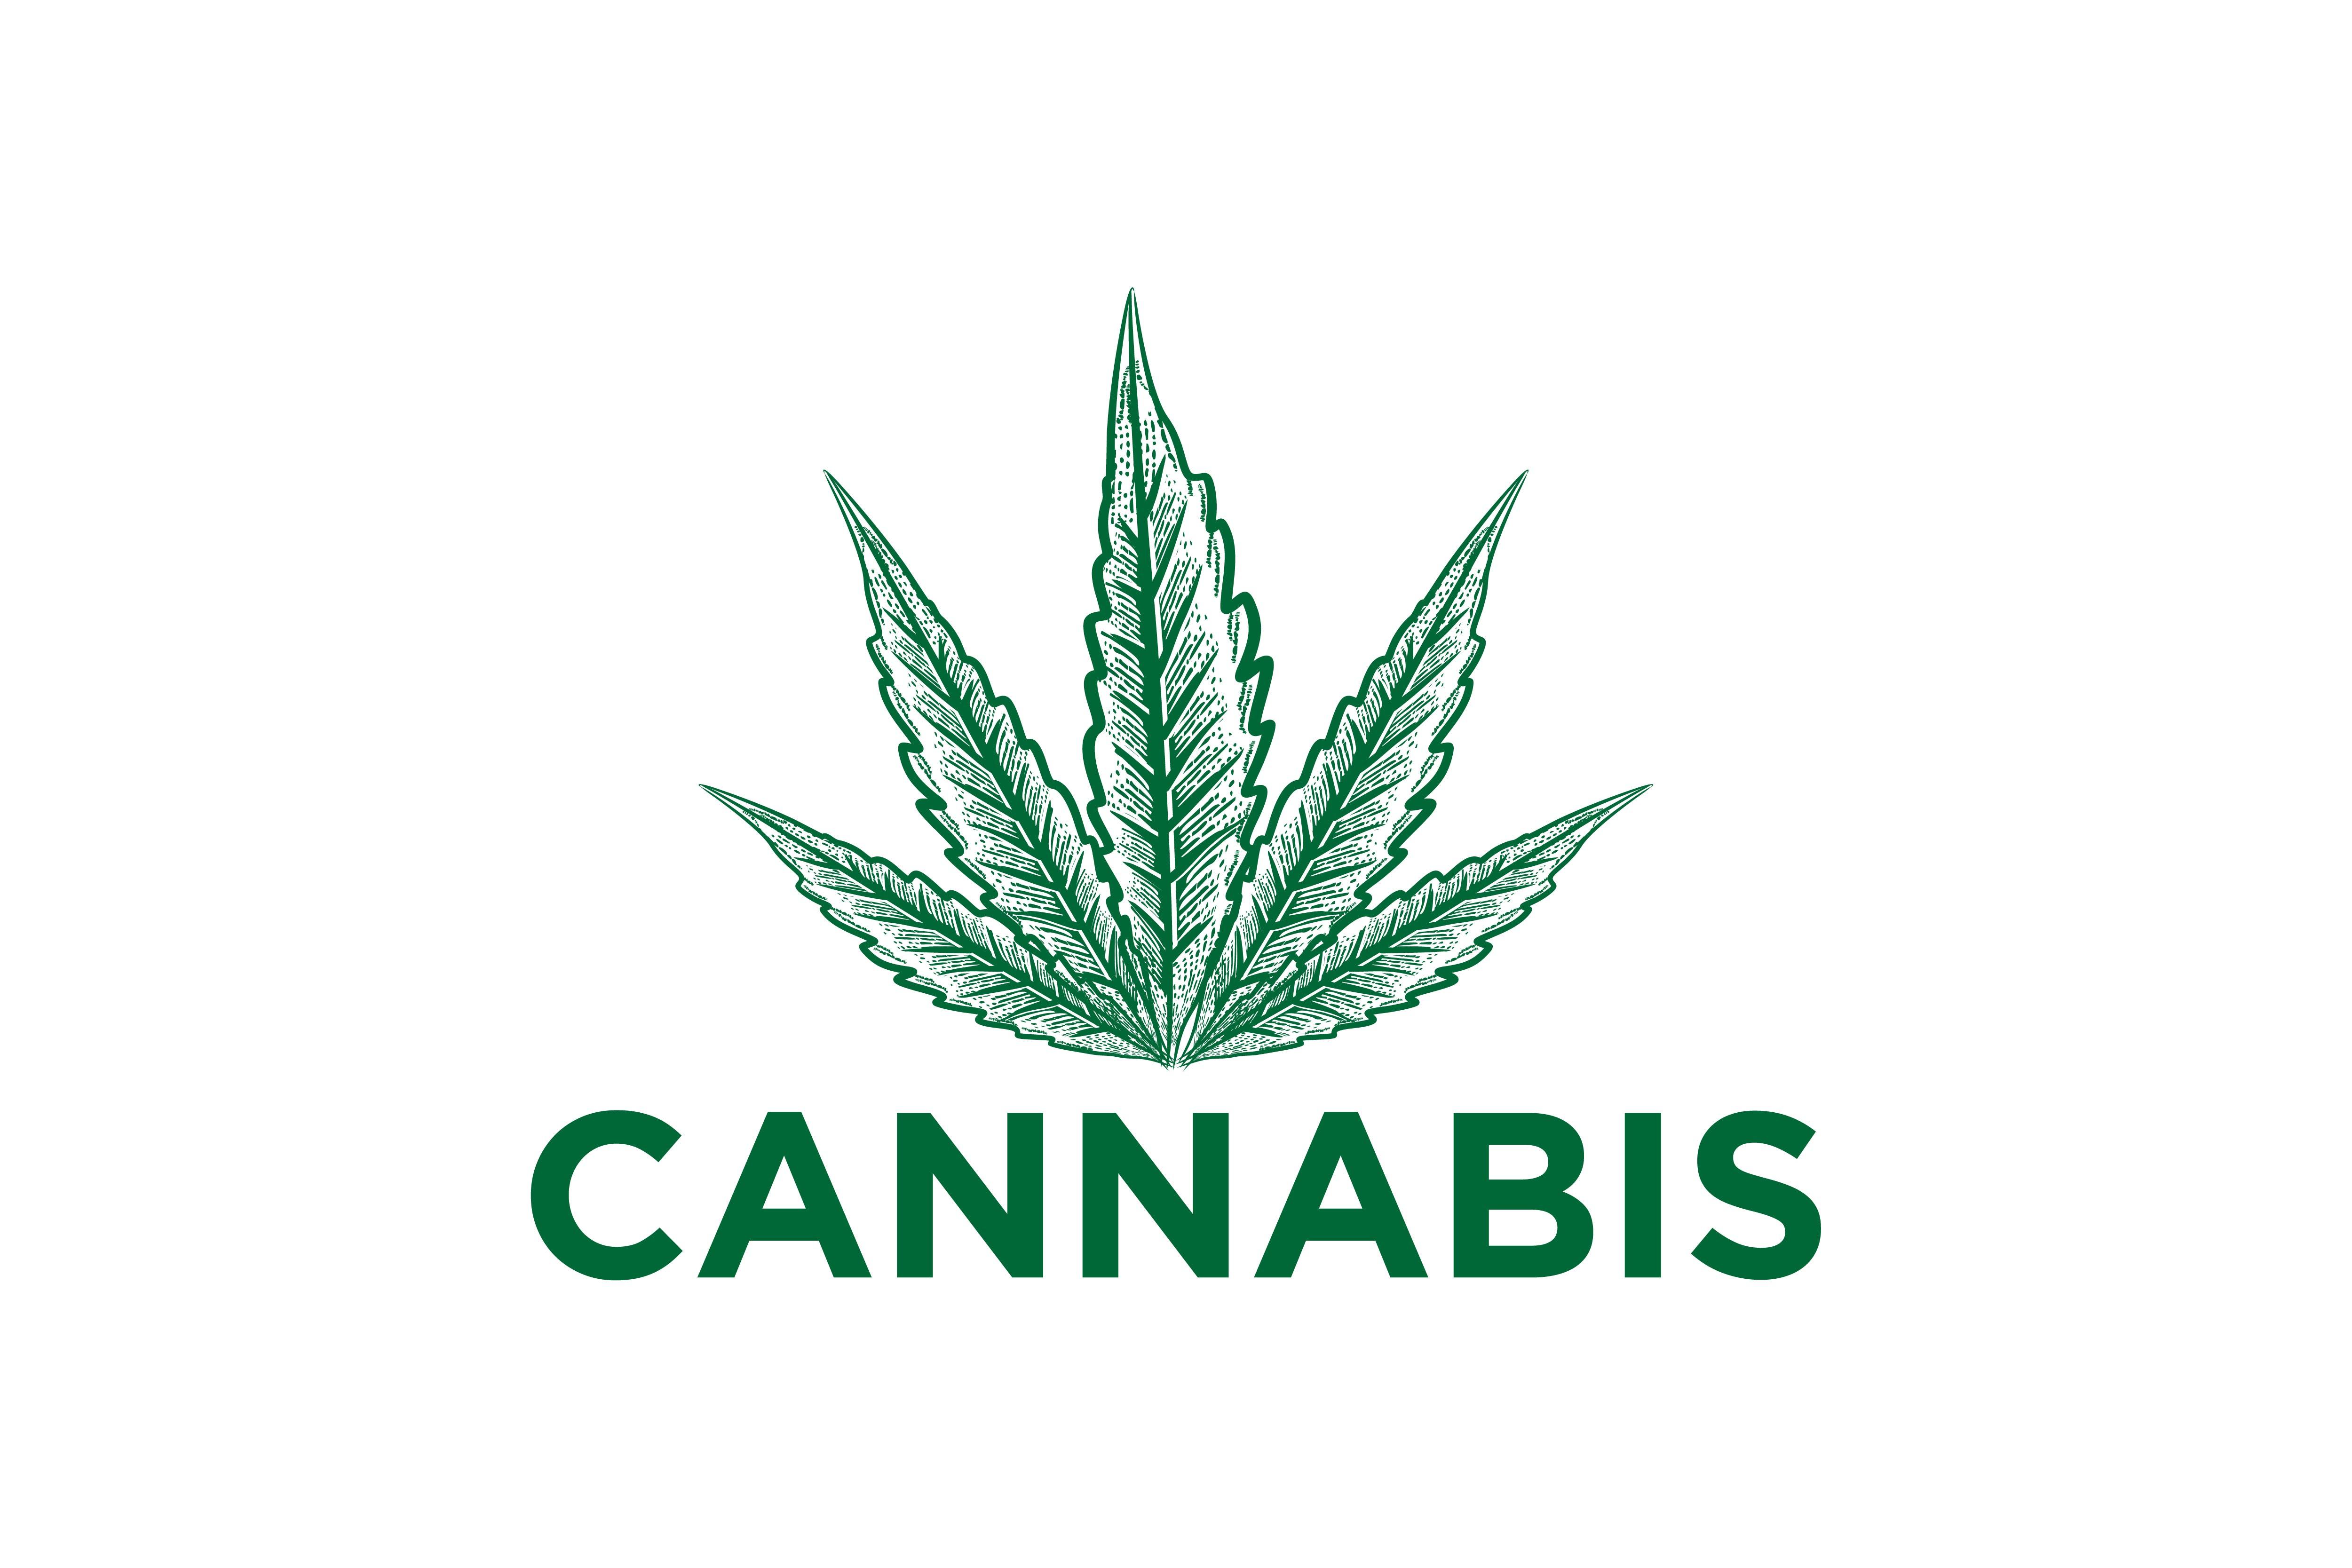 Cannabis leaf logo.